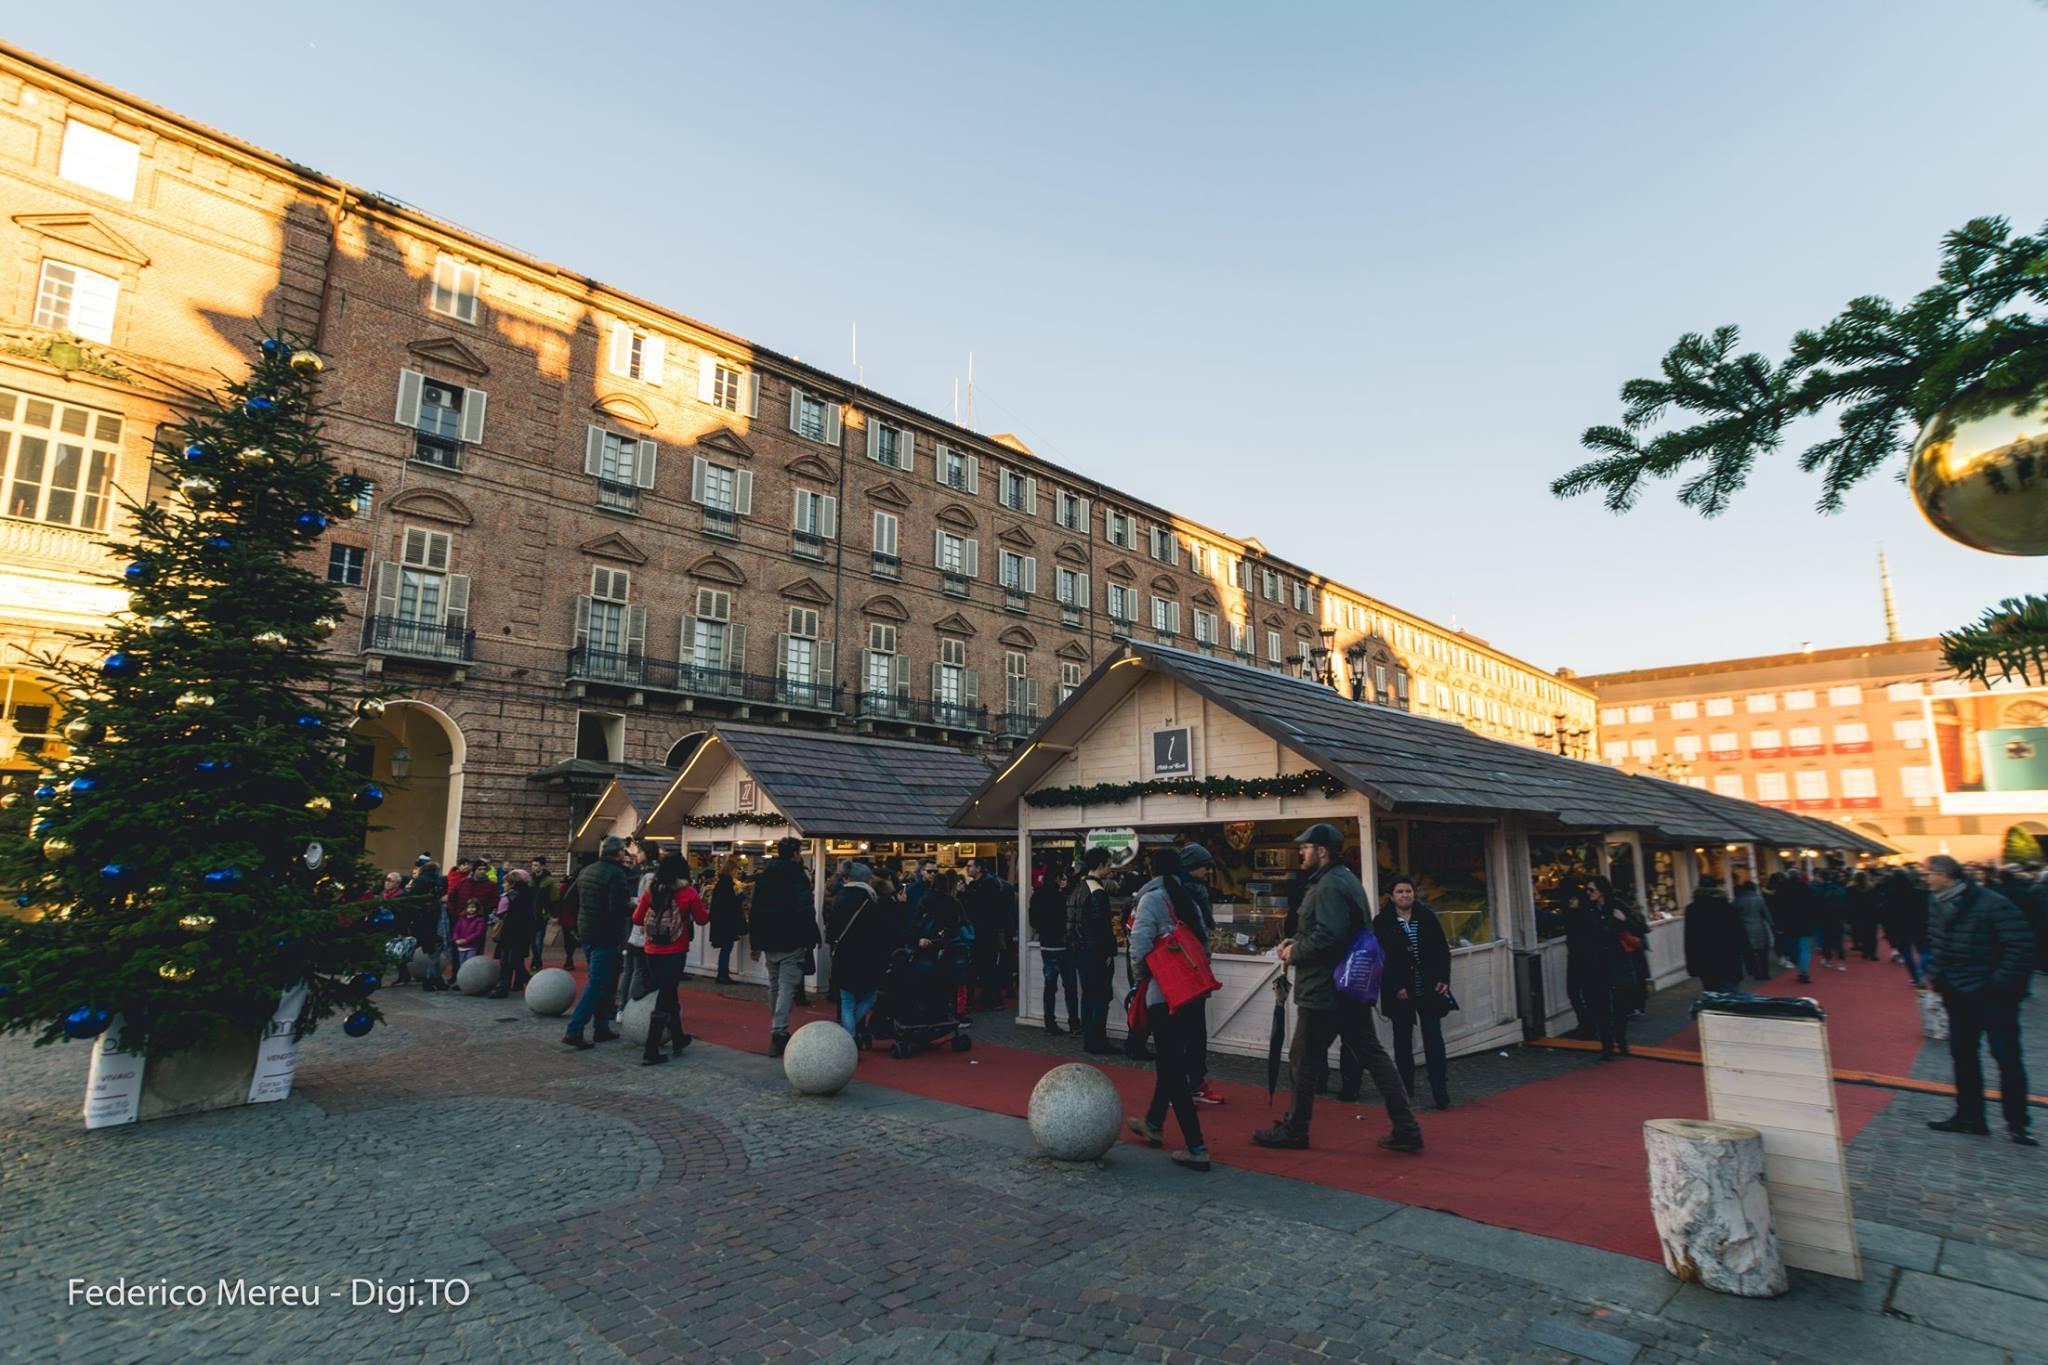 Villaggio Babbo Natale Torino.I 5 Mercatini Di Natale Da Non Perdere In Piemonte Liguria